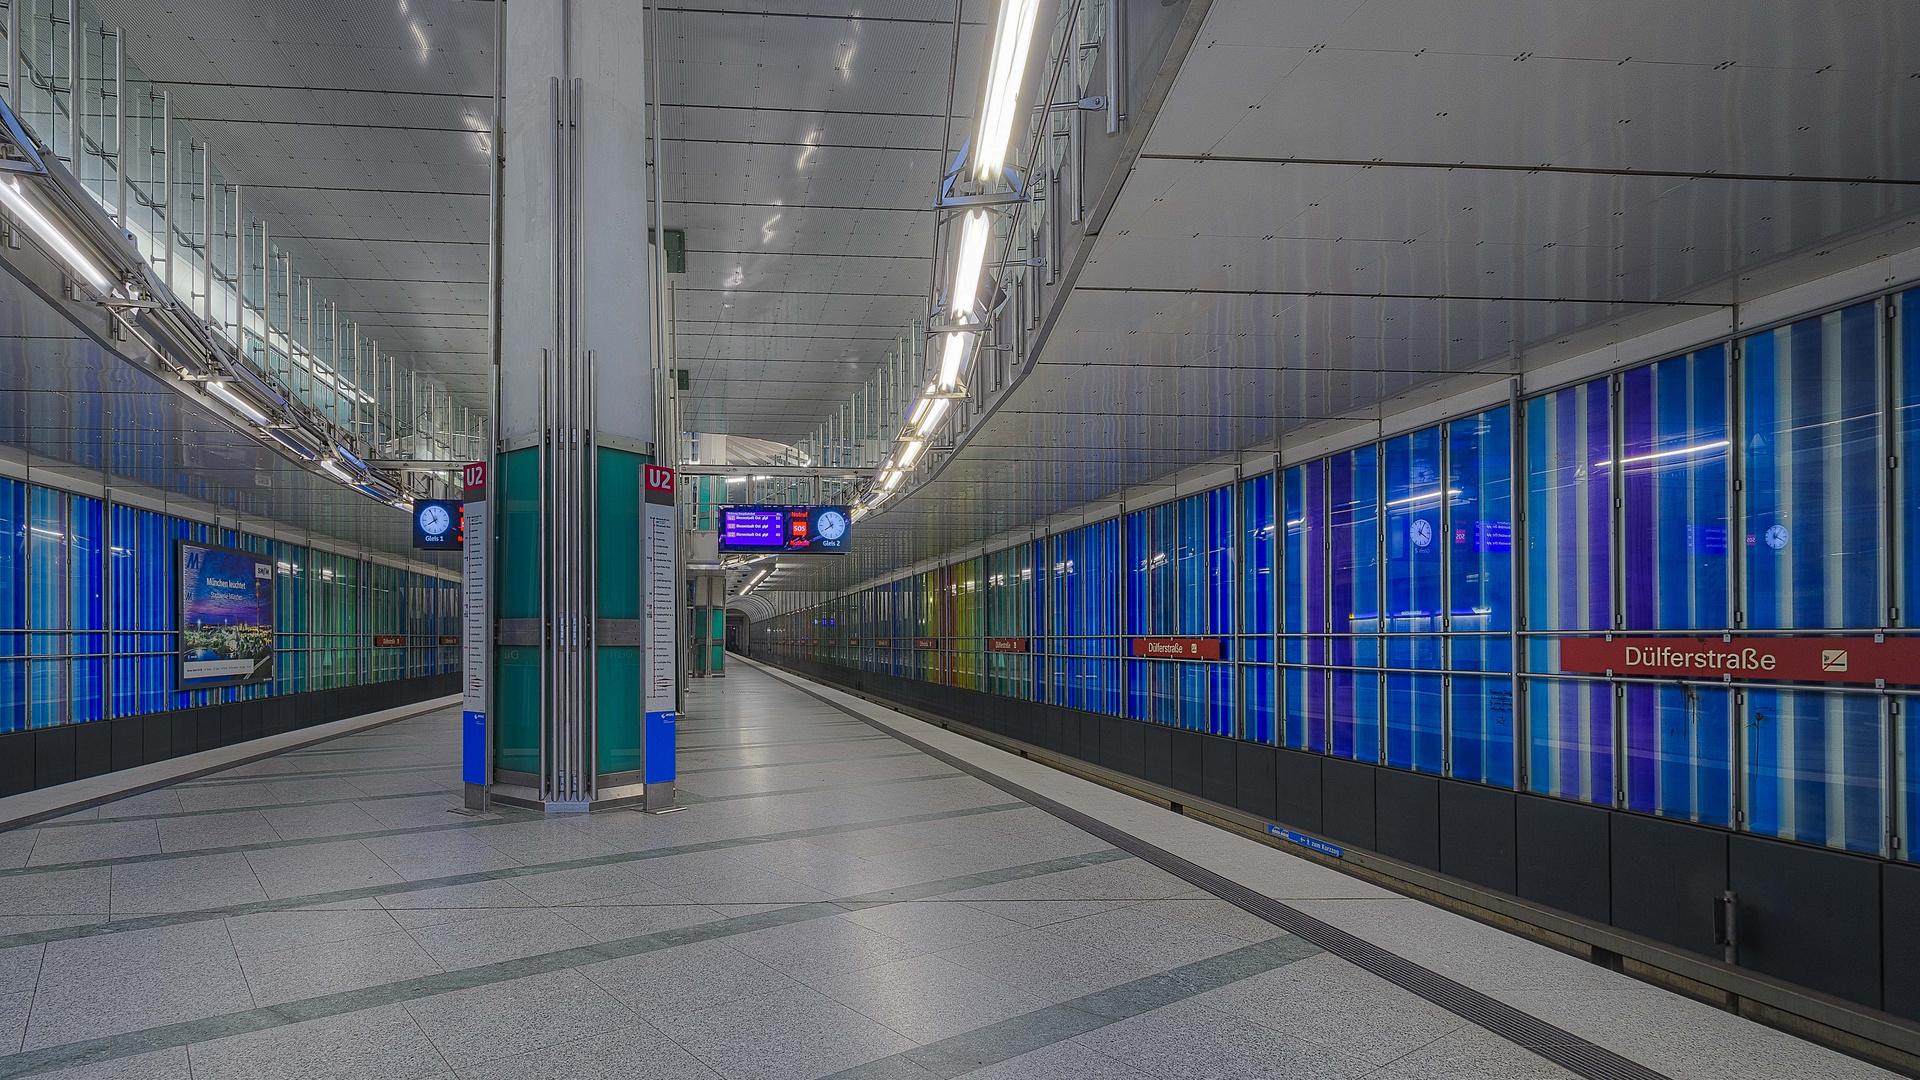 München, Linie U2, Station 'Dülferstraße'